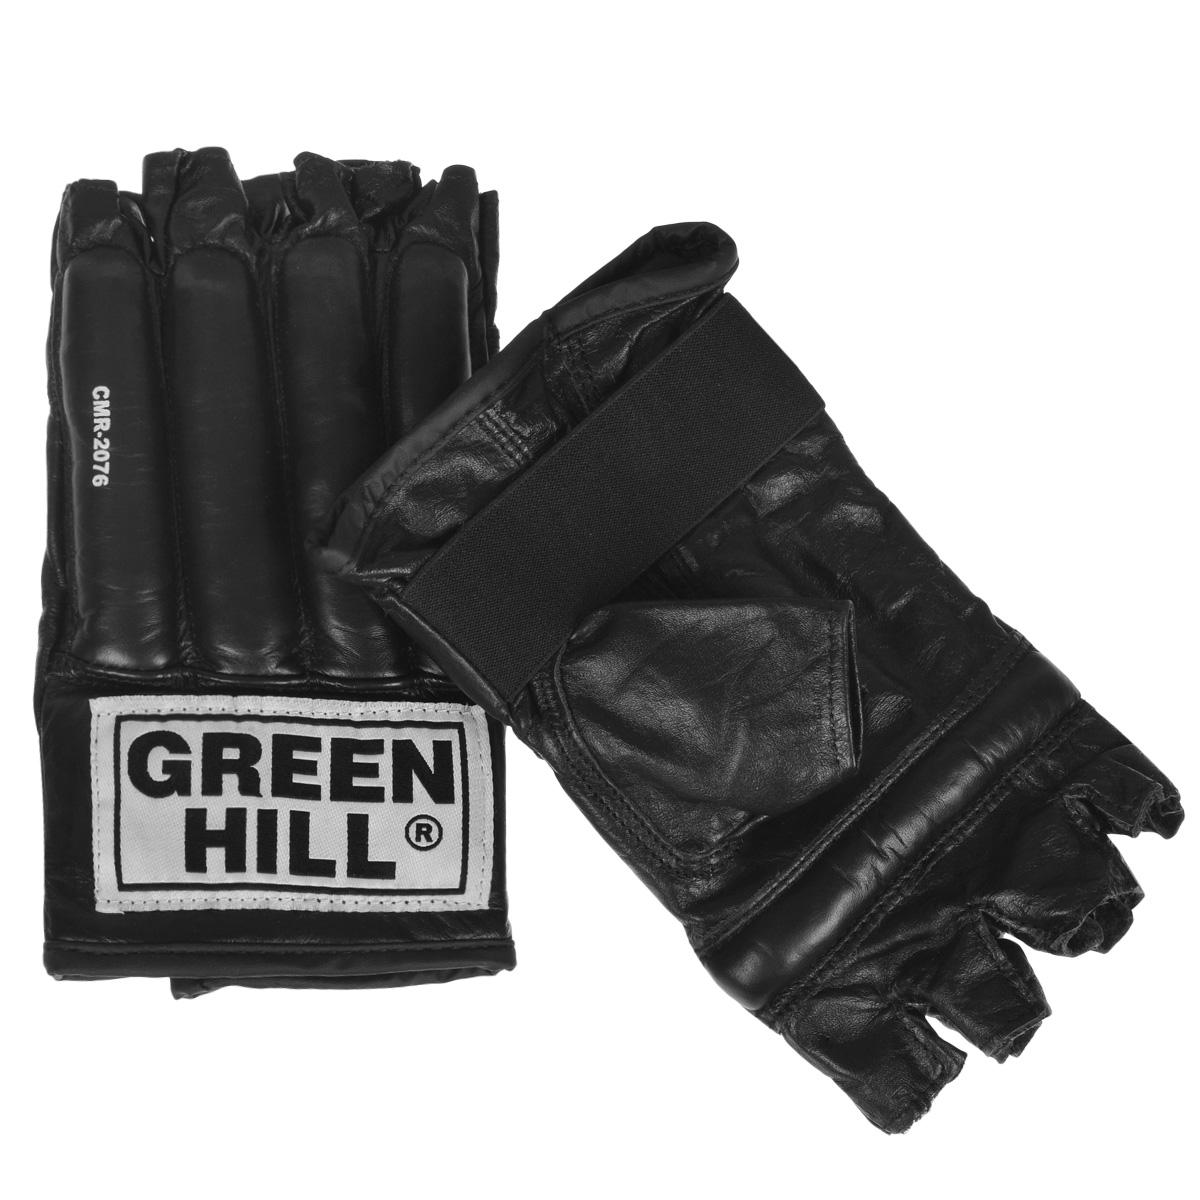 Шингарты для единоборств Green Hill Royal, цвет: черный. Размер LAIRWHEEL M3-162.8Шингарты Green Hill Royal предназначены для новичков и любителей, для тренировок в домашних условиях, а так же могут использоваться для боевого самбо или боев без правил. Выполнены из высококачественной натуральной кожи. Застежка в виде резинки надежно фиксирует шингарты на руке.